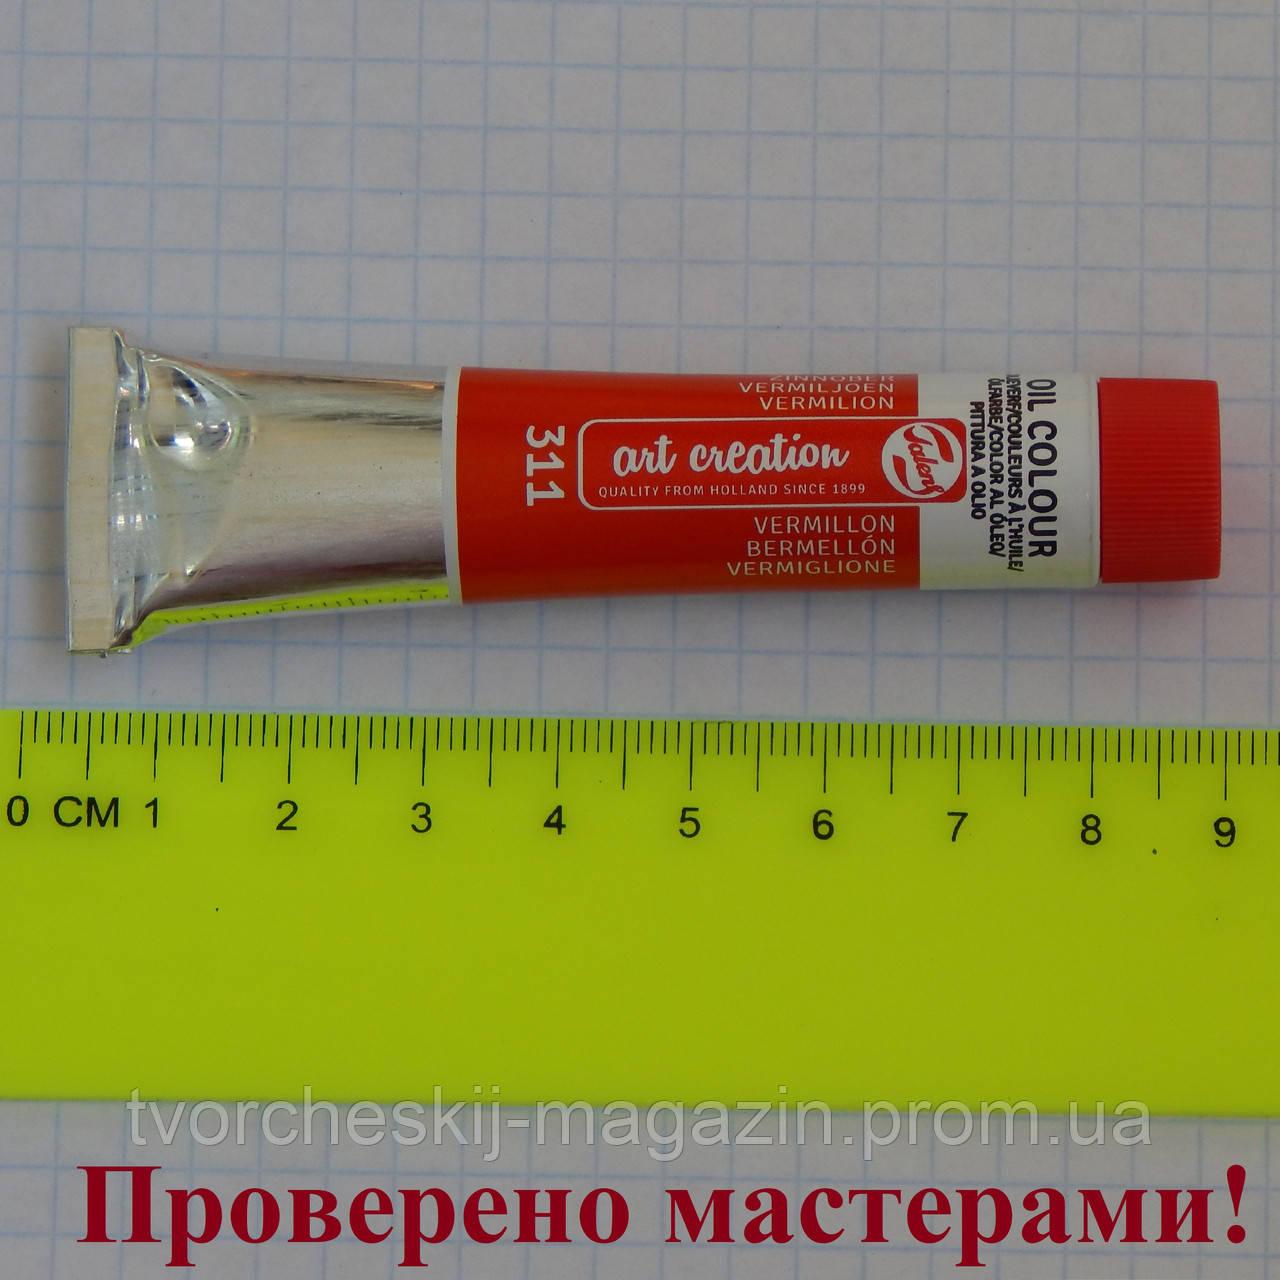 Краска масляная ArtCreation (311) Киноварь, 12мл